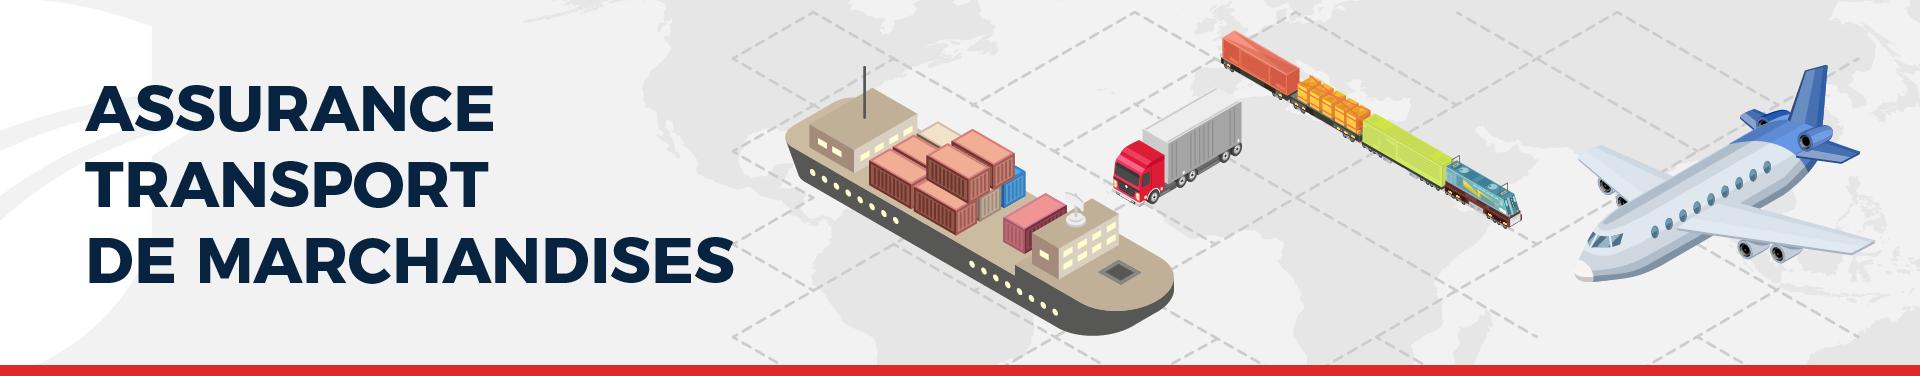 Assurance-transport-de-marchandises